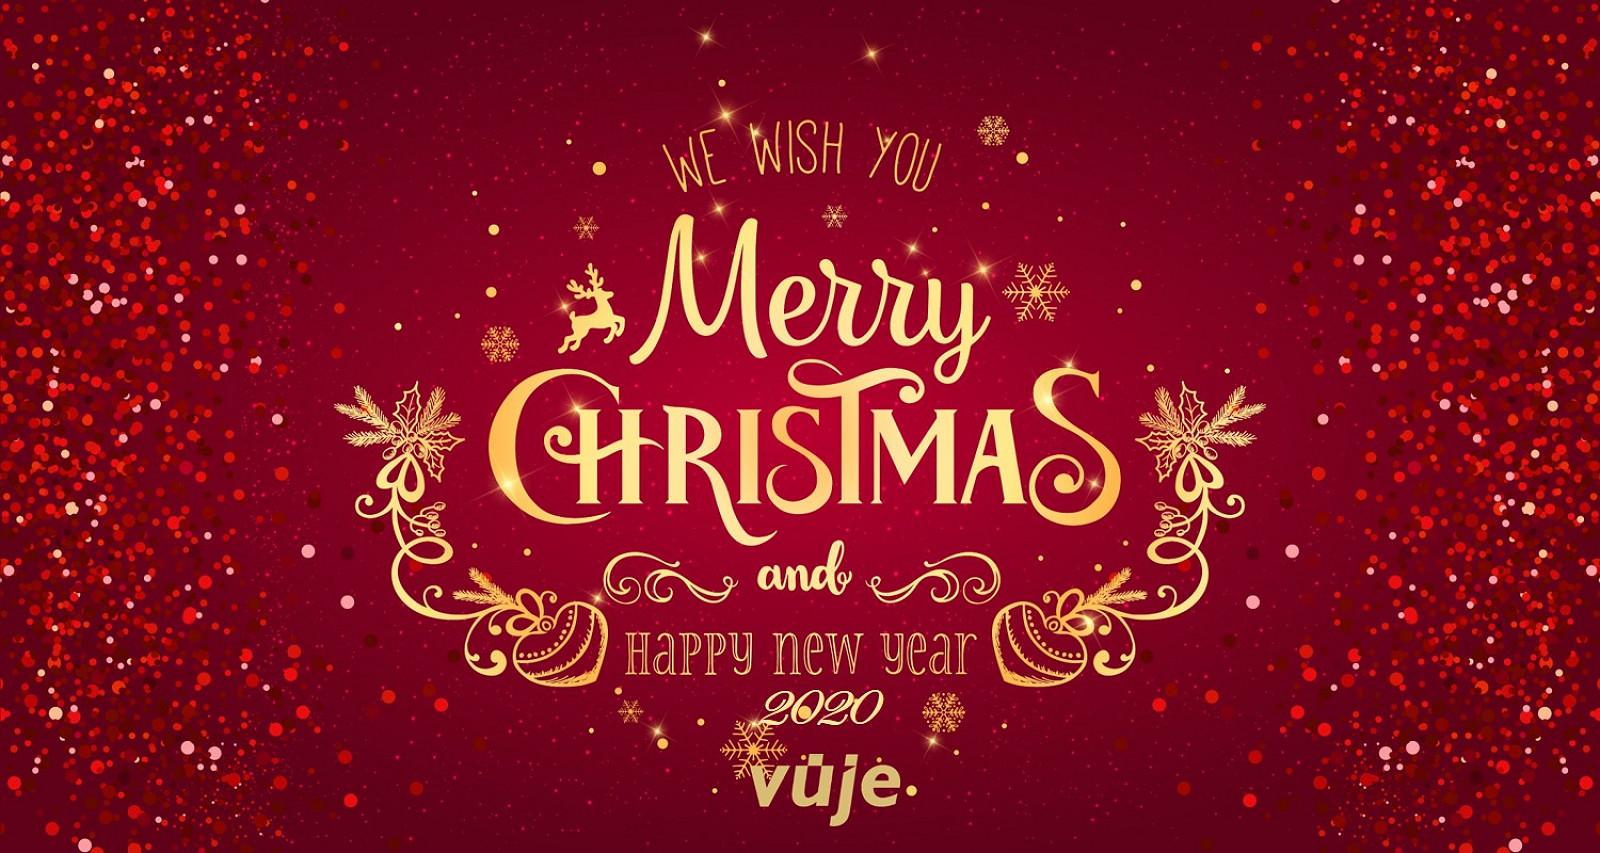 VUJE praje všetkým krásne vianočné sviatky a šťastný nový rok 2020